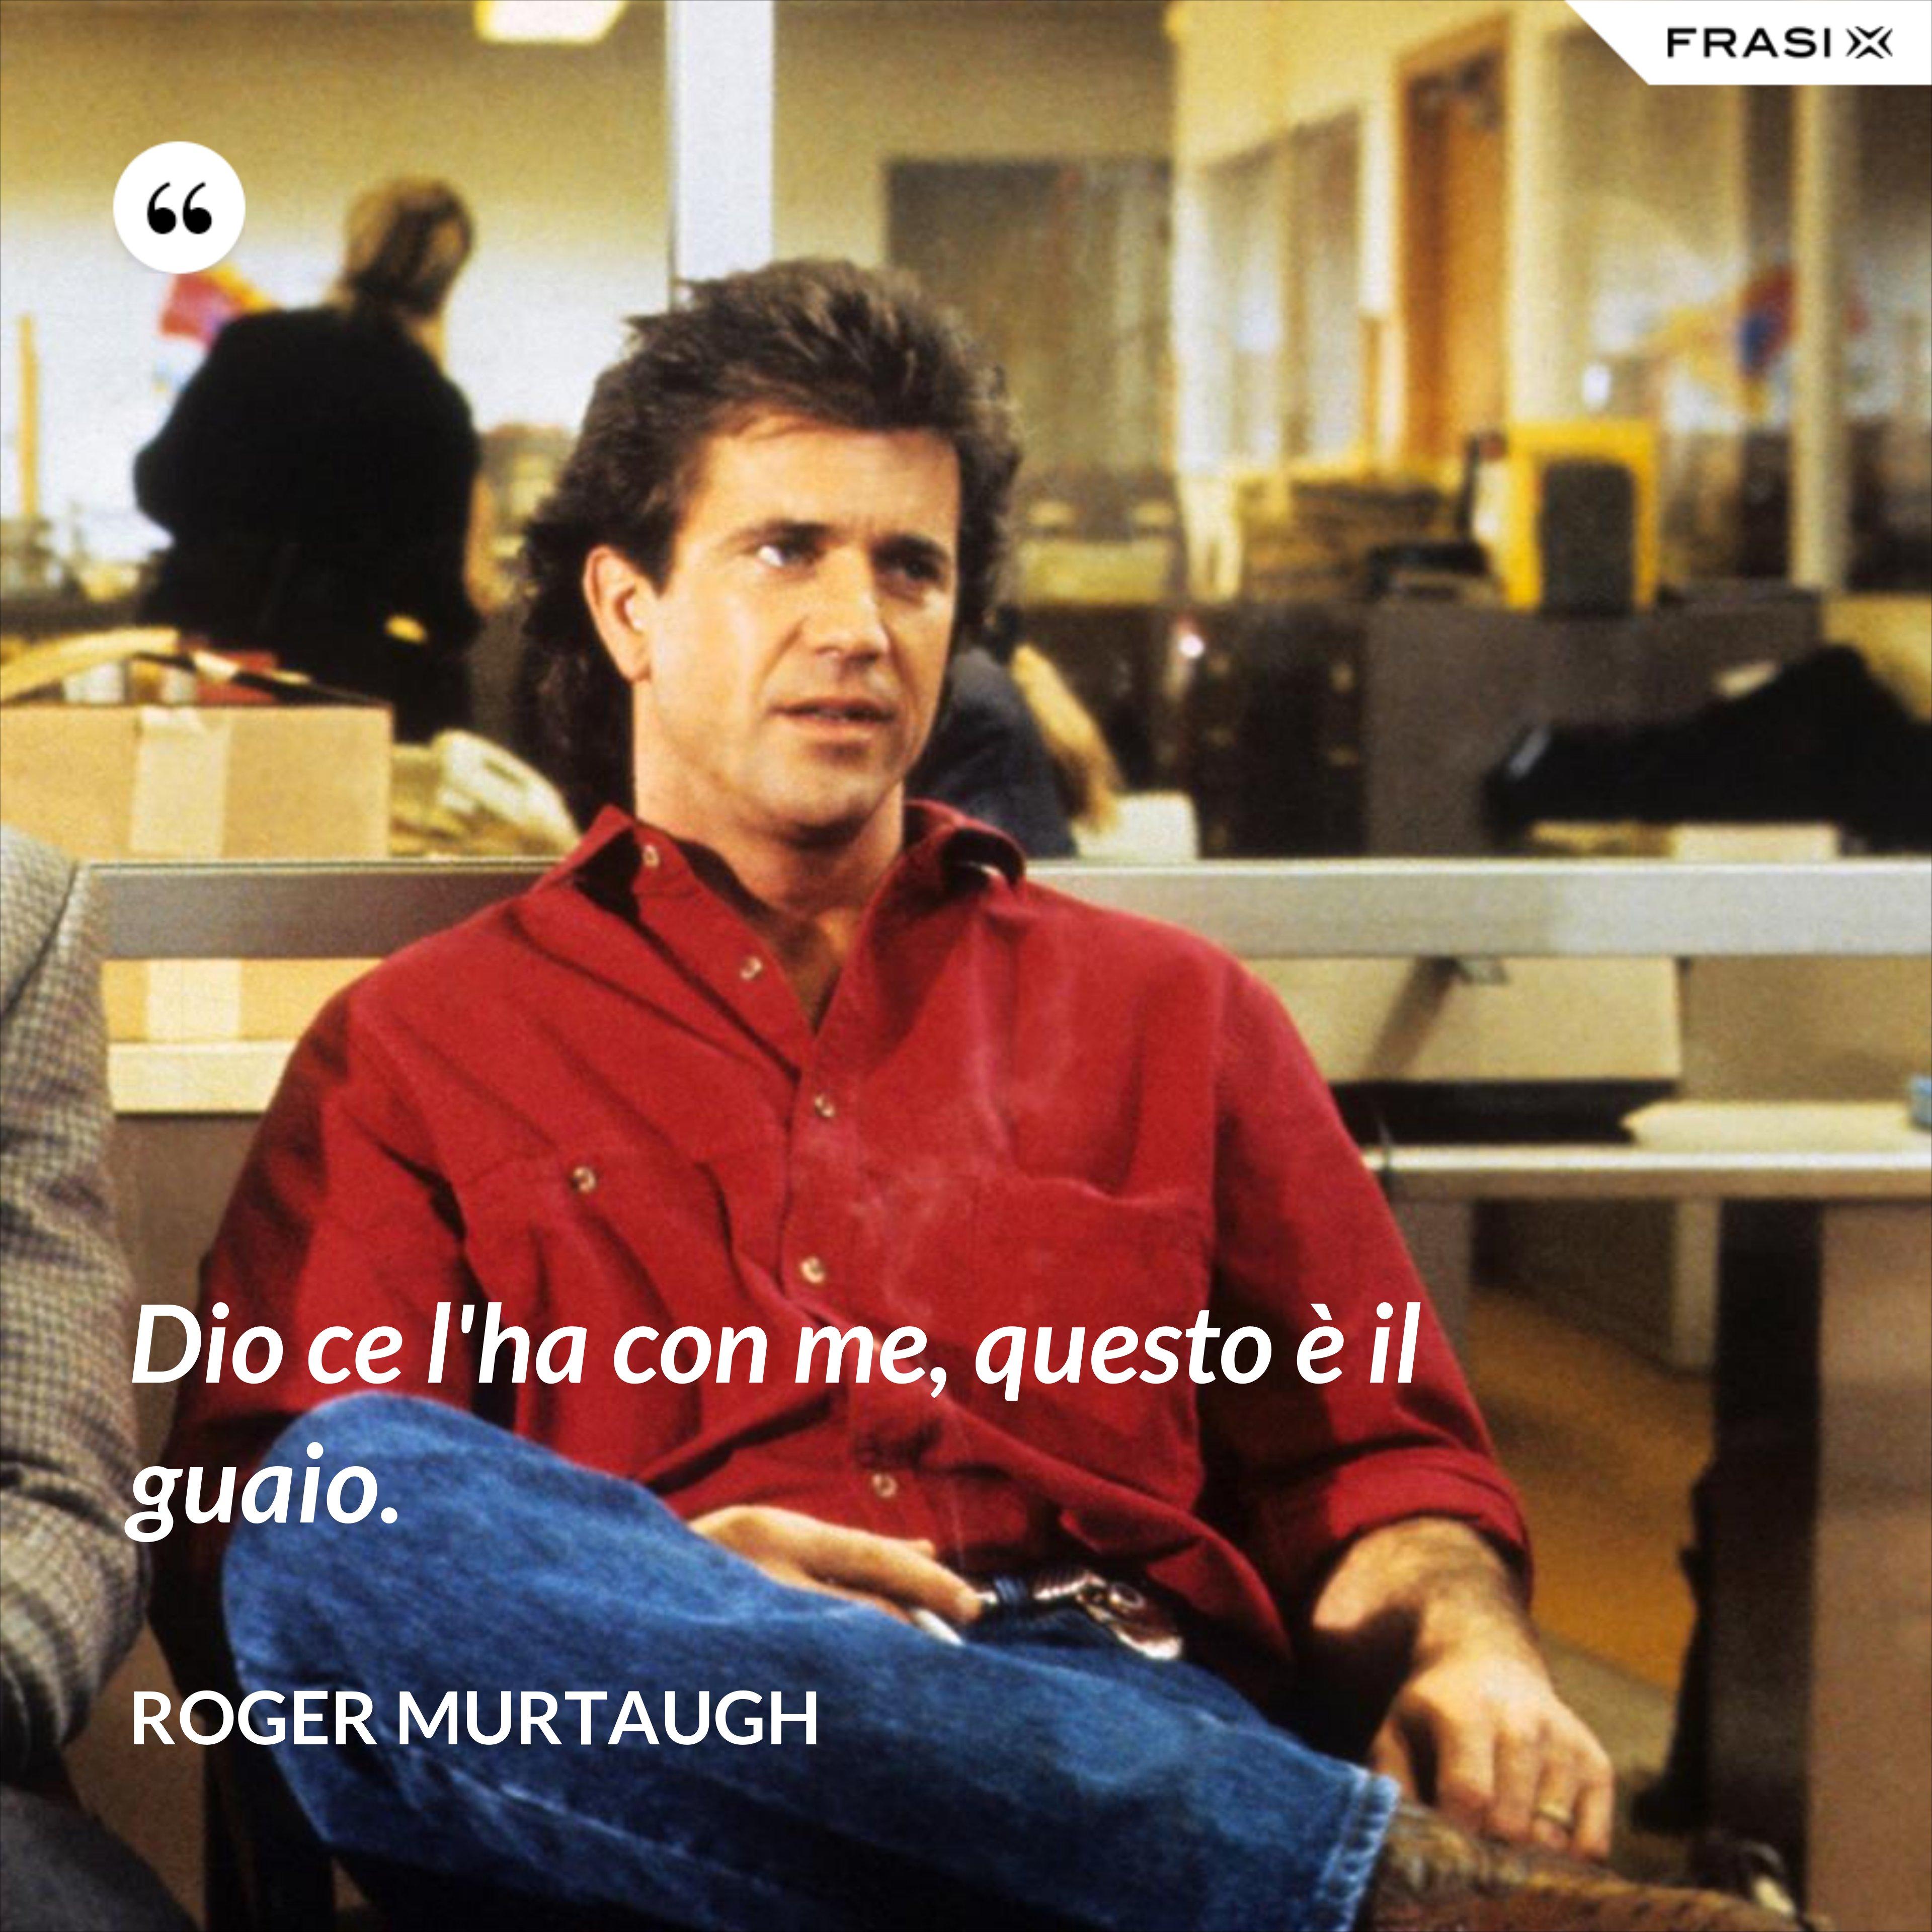 Dio ce l'ha con me, questo è il guaio. - Roger Murtaugh